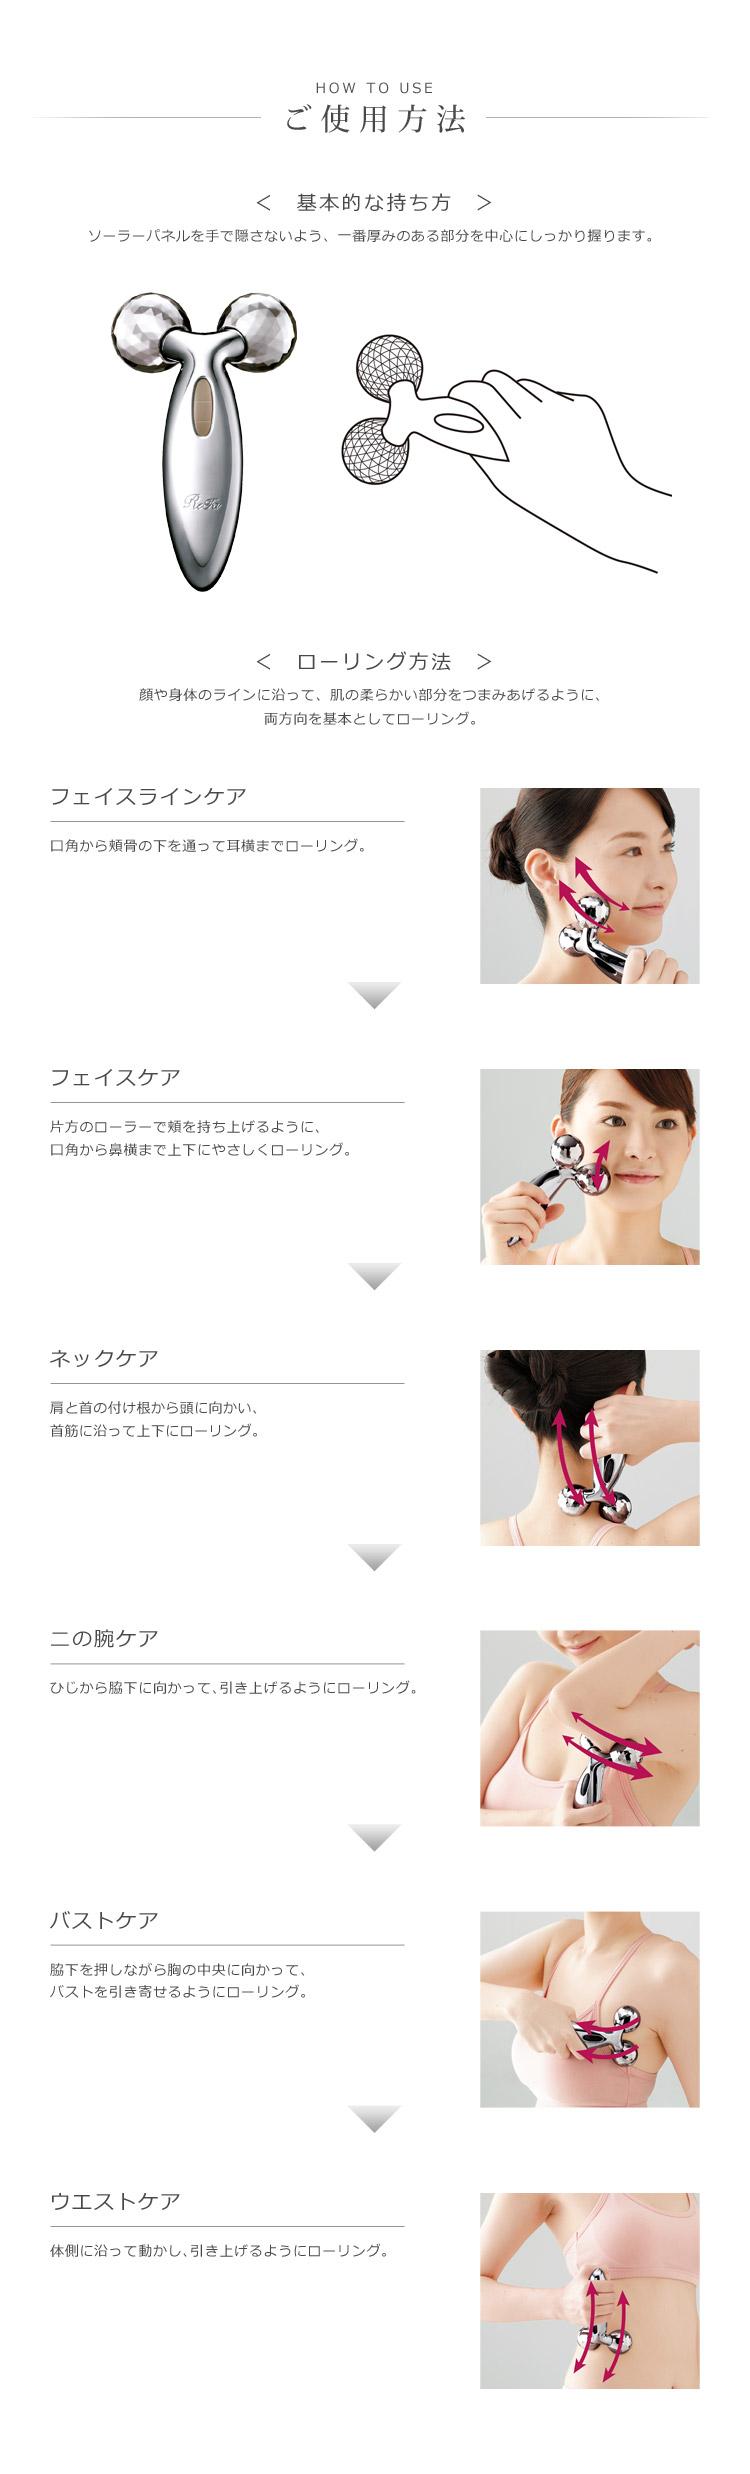 HOW TO USE ご使用方法 <基本的な持ち方> ソーラーパネルを手で隠さないよう、一番厚みのある部分を中心にしっかり握ります。 <ローリング方法>顔や身体のラインに沿って、肌の柔らかい部分をつまみあげるように、両方向を基本としてローリング。 フェイスラインケア 口角から頬骨の下を通って耳横までローリング。 → フェイスケア 片方のローラーで頬を持ち上げるように、口角から鼻横まで上下にやさしくローリング。 → ネックケア 肩と首の付け根から頭に向かい、首筋に沿って上下にローリング。 → 二の腕ケア ひじから脇下に向かって、引き上げるようにローリング。 → バストケア 脇下を押しながら胸の中央に向かって、バストを引き寄せるようにローリング。 → ウエストケア 体側に沿って動かし、引き上げるようにローリング。